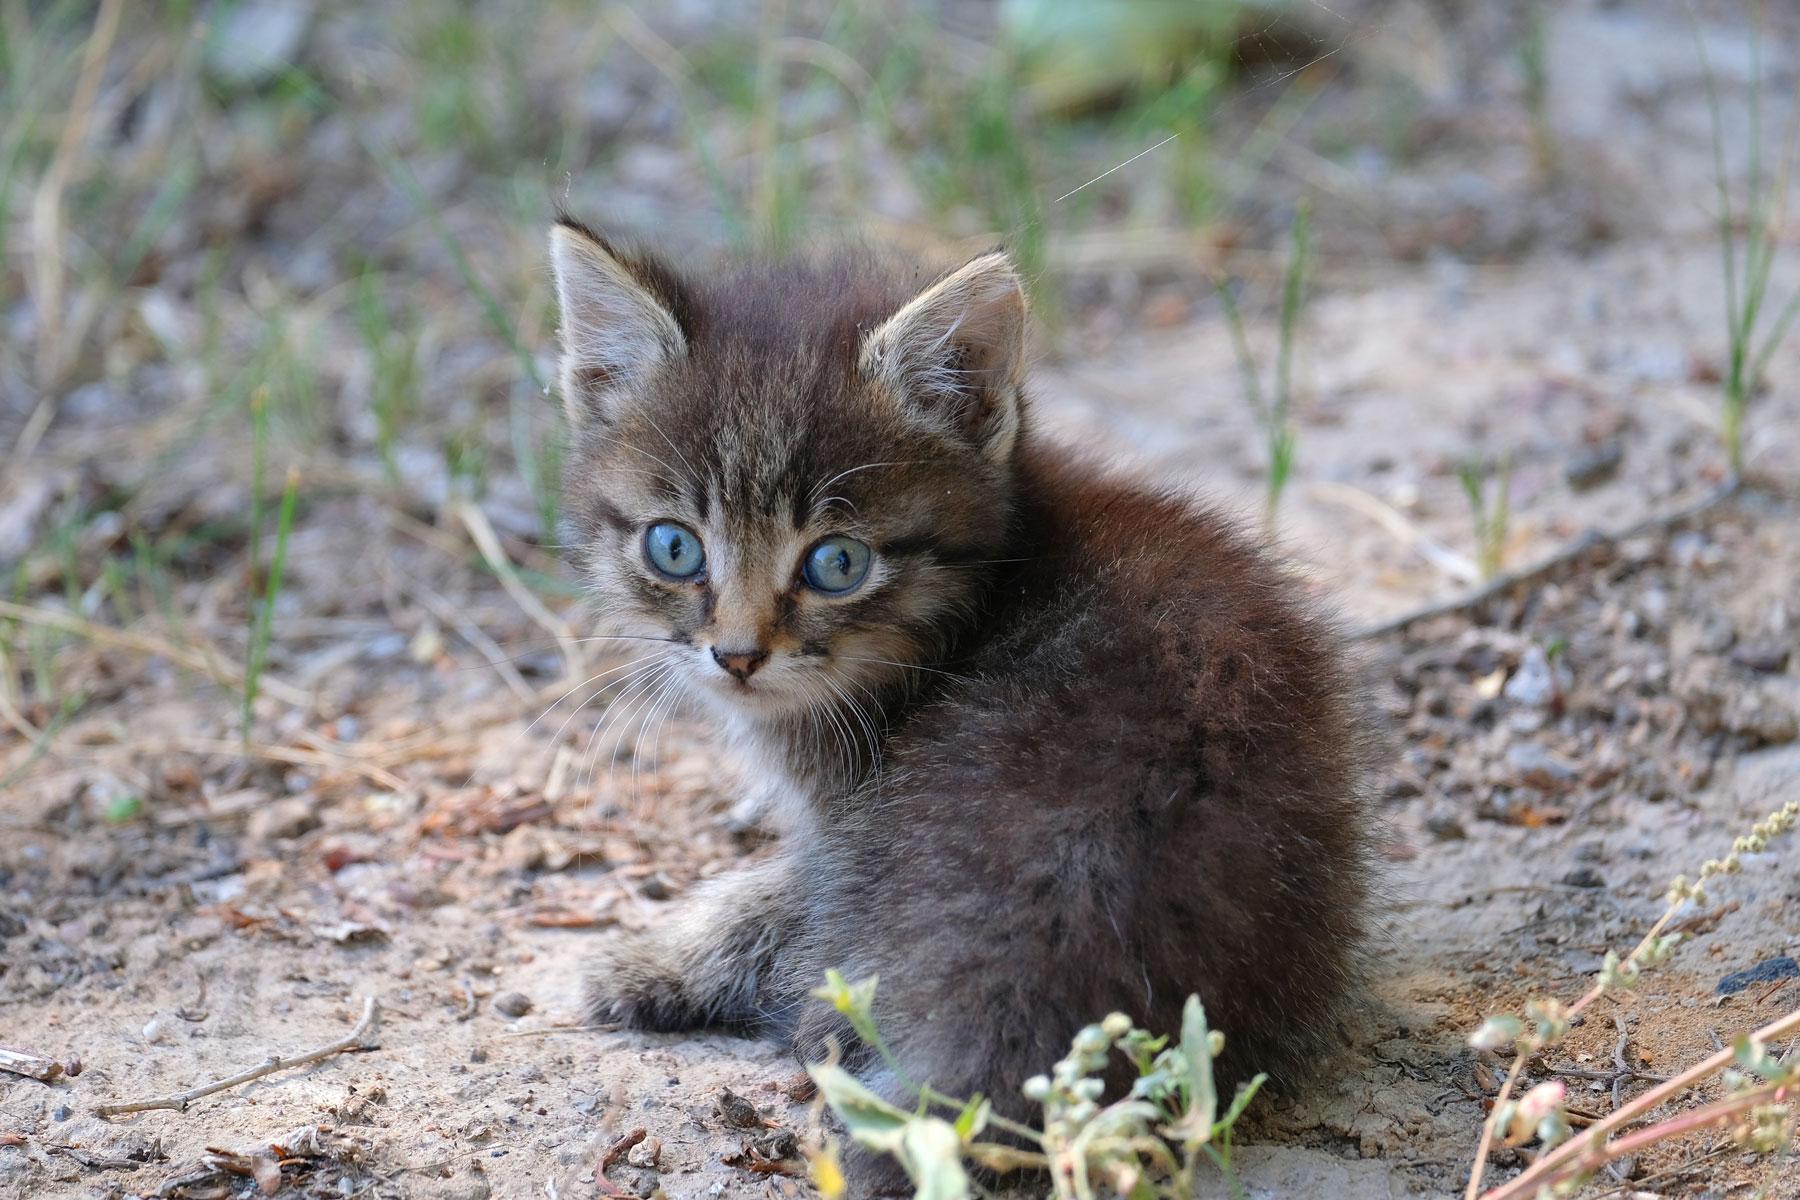 Eines Morgens finden wir fünf Kätzchen vor unserer Türe, die augenscheinlich ihre Mutter verloren haben